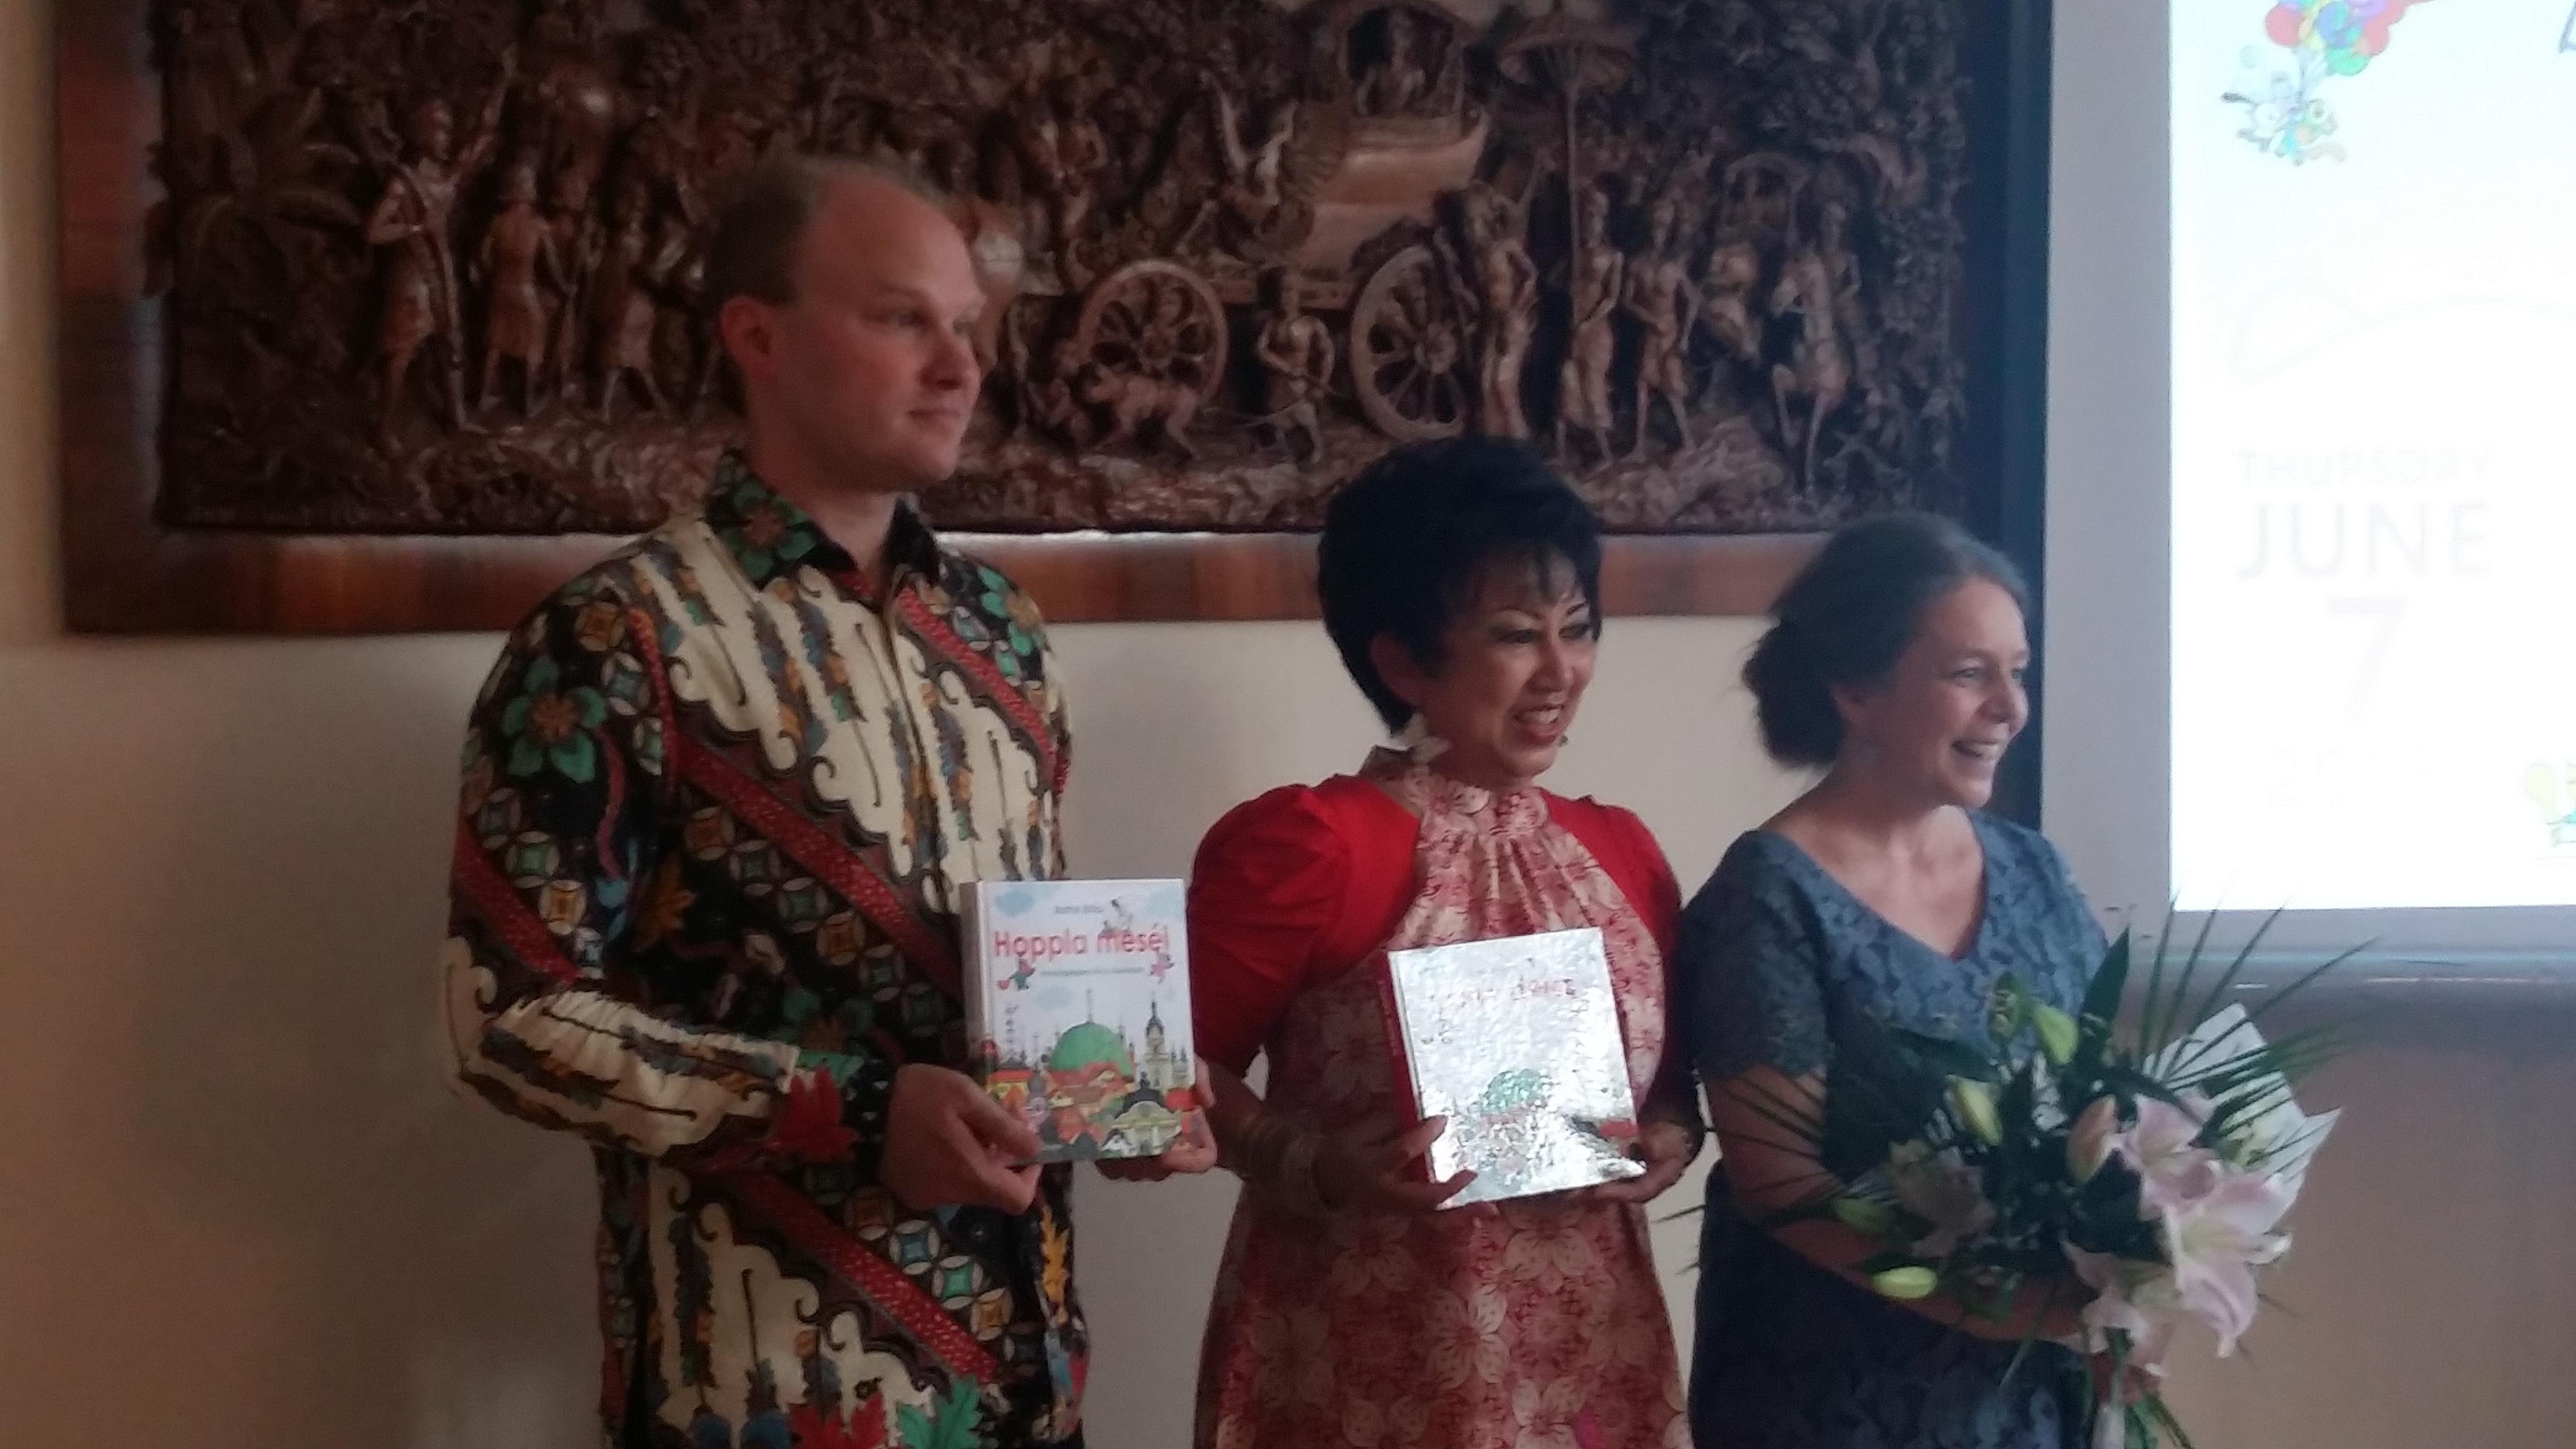 Középen a nagykövet, mellette a könyv szerzője és fordítója.